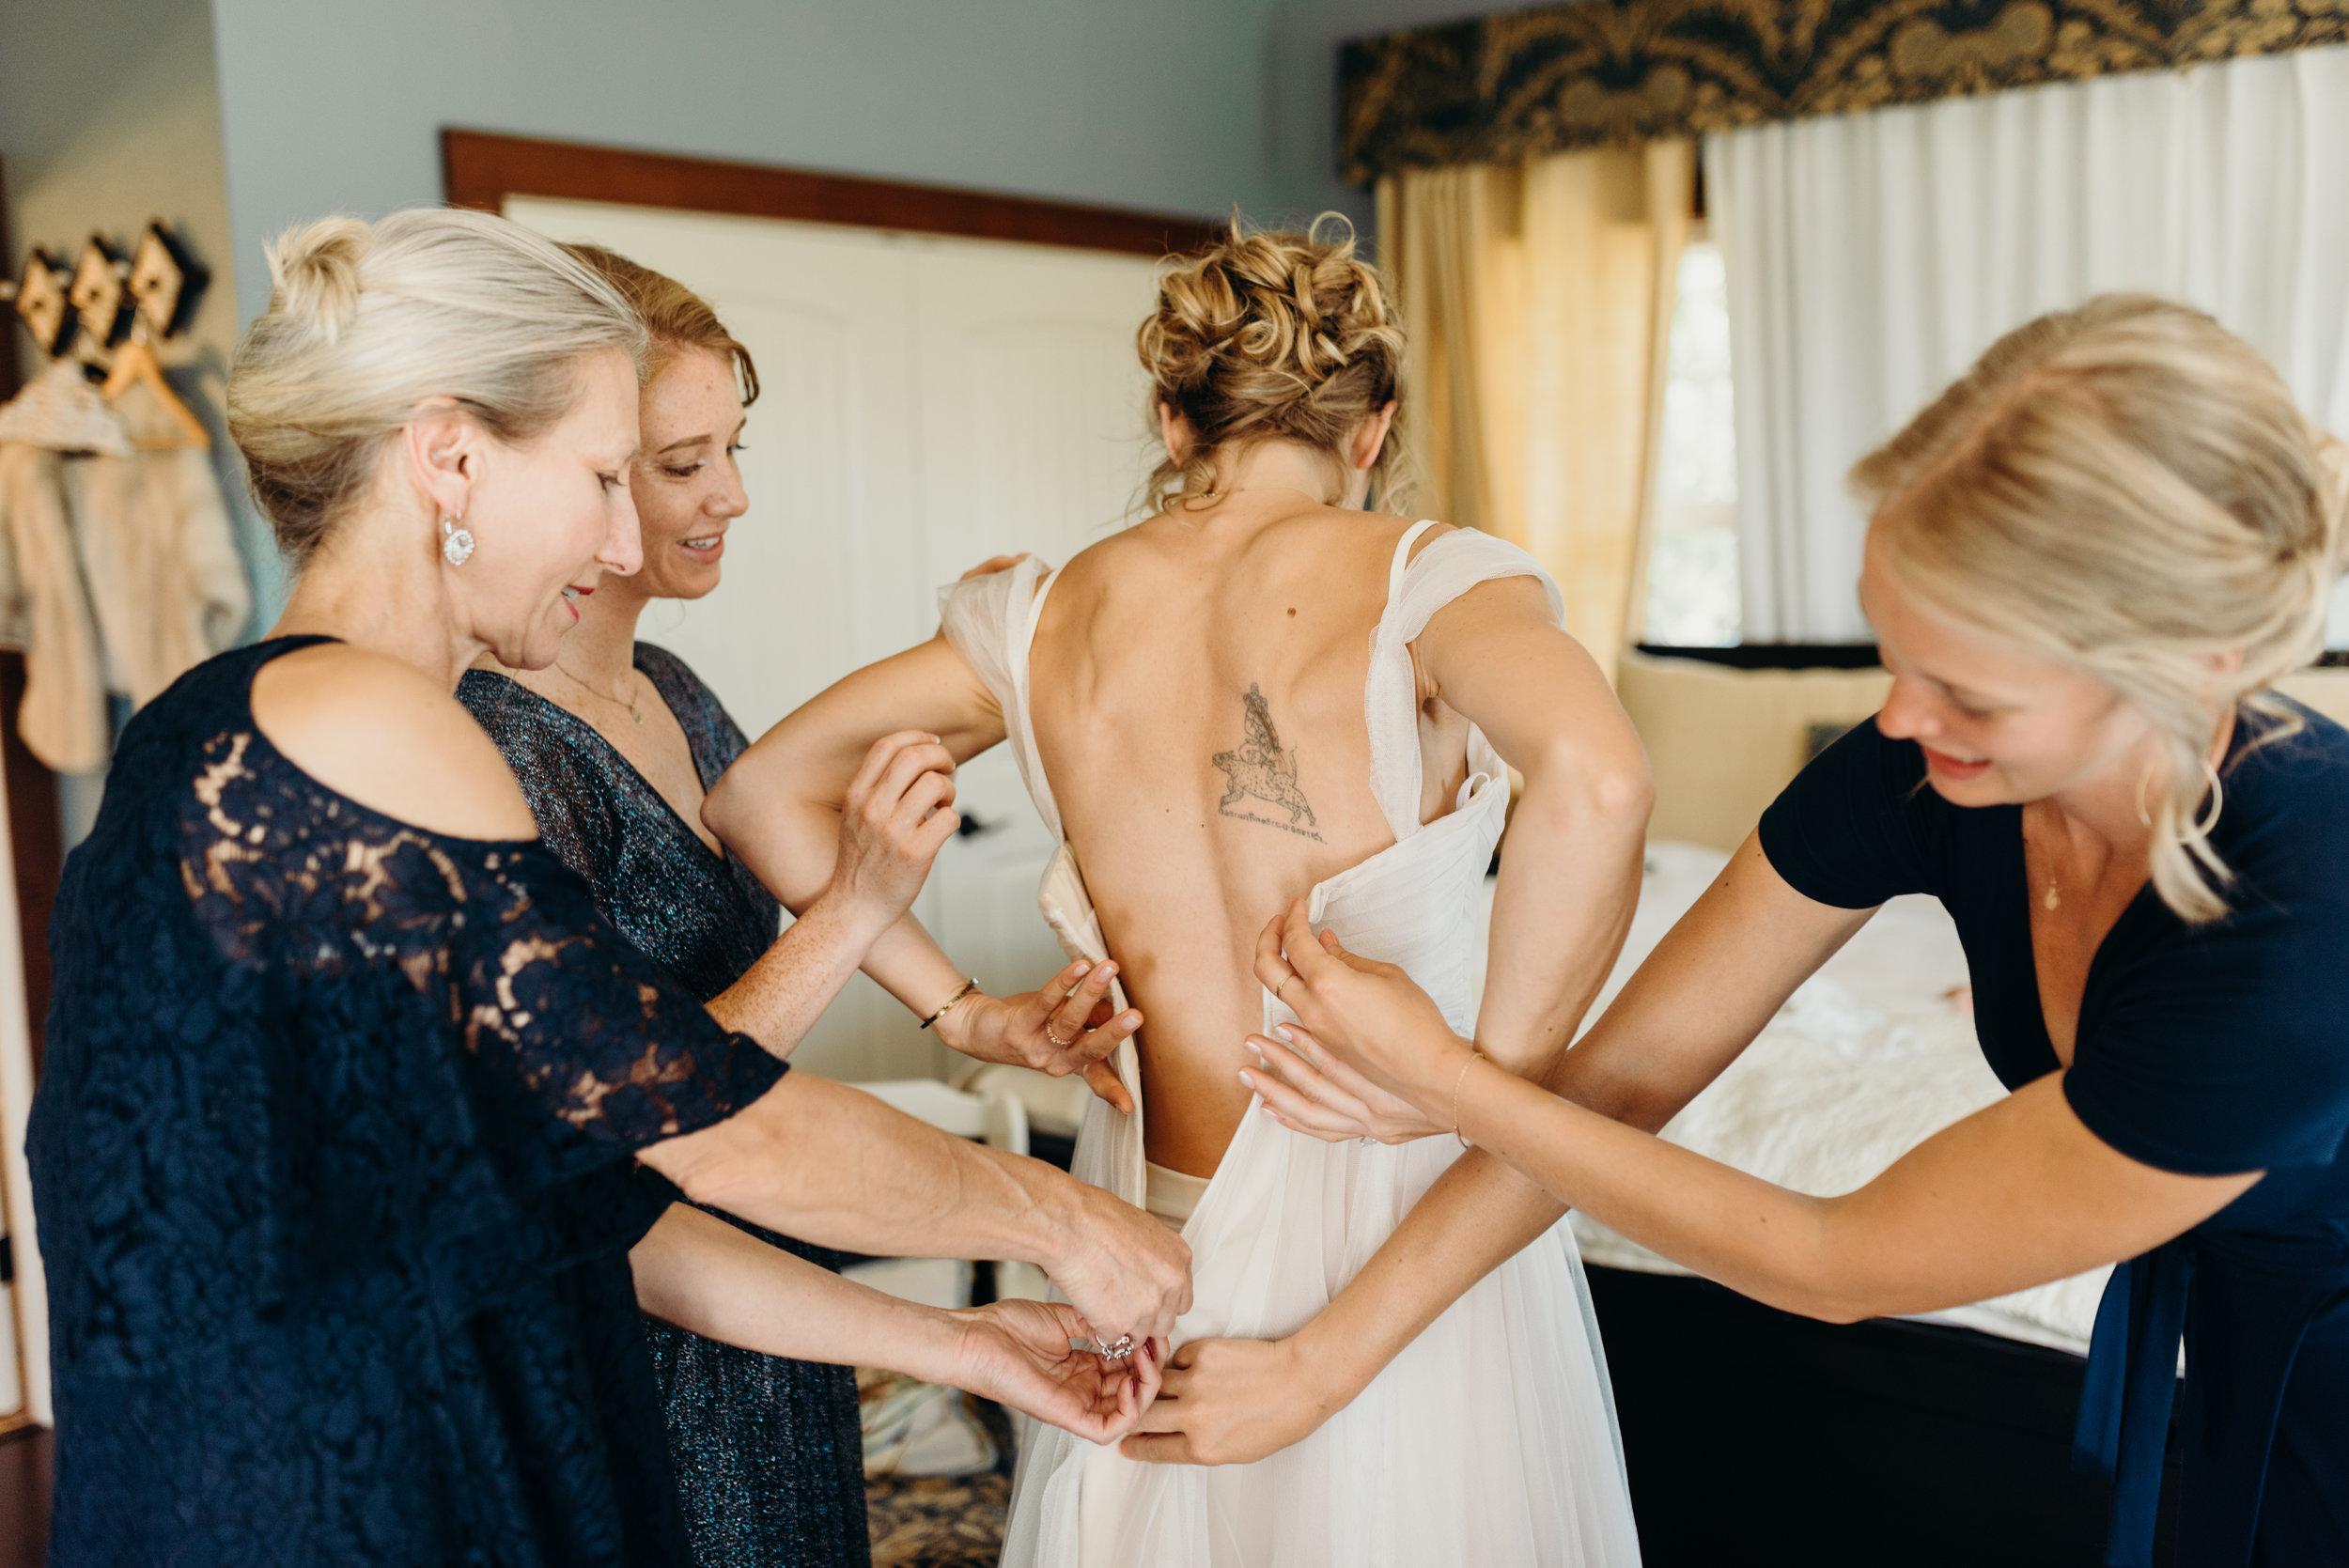 01 Ladies-5866.jpg